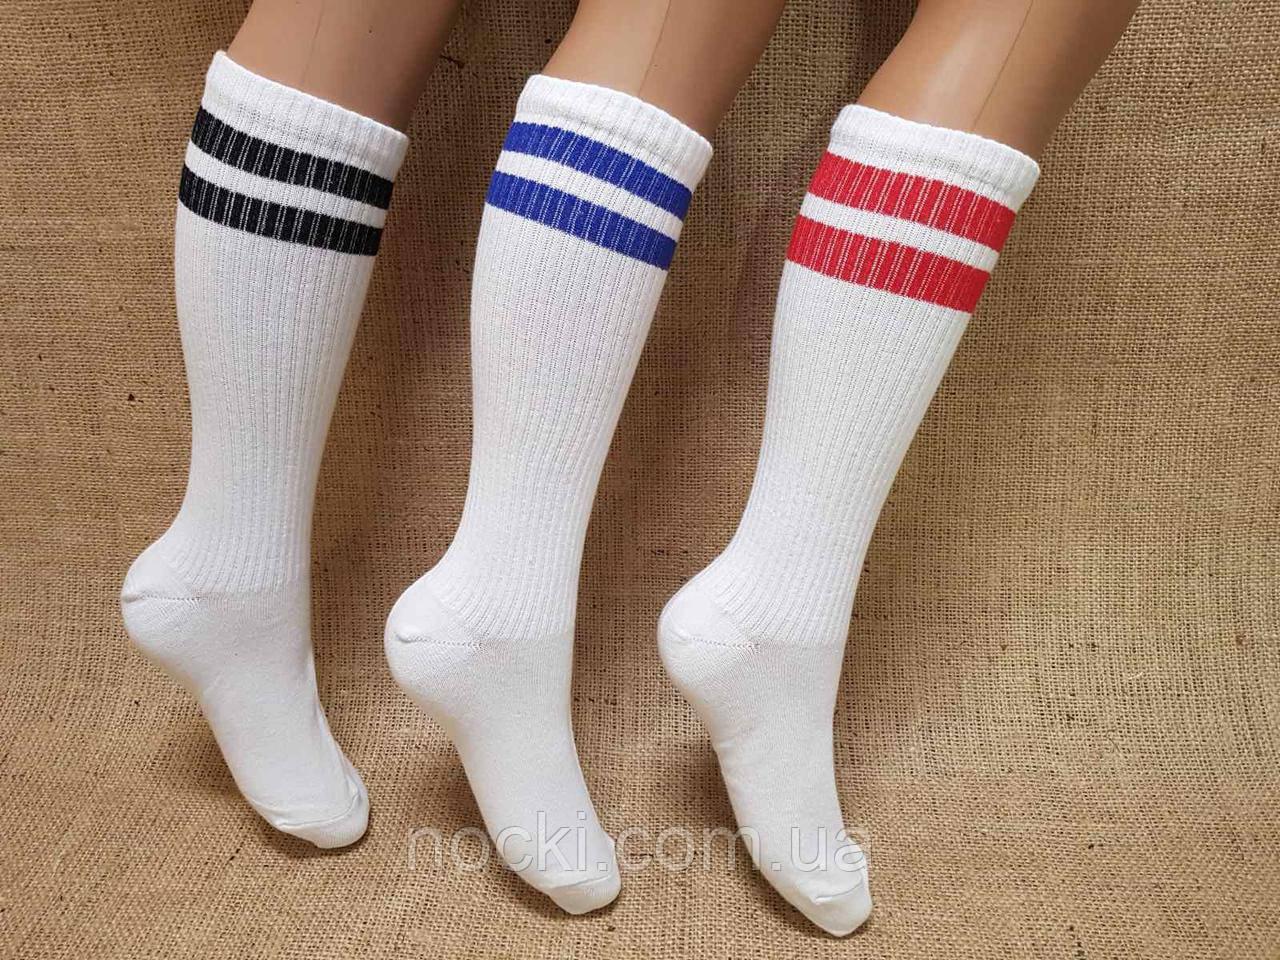 Женские носки высокие ТЕННИС НЛ 36-39 белый две тонкие полоски